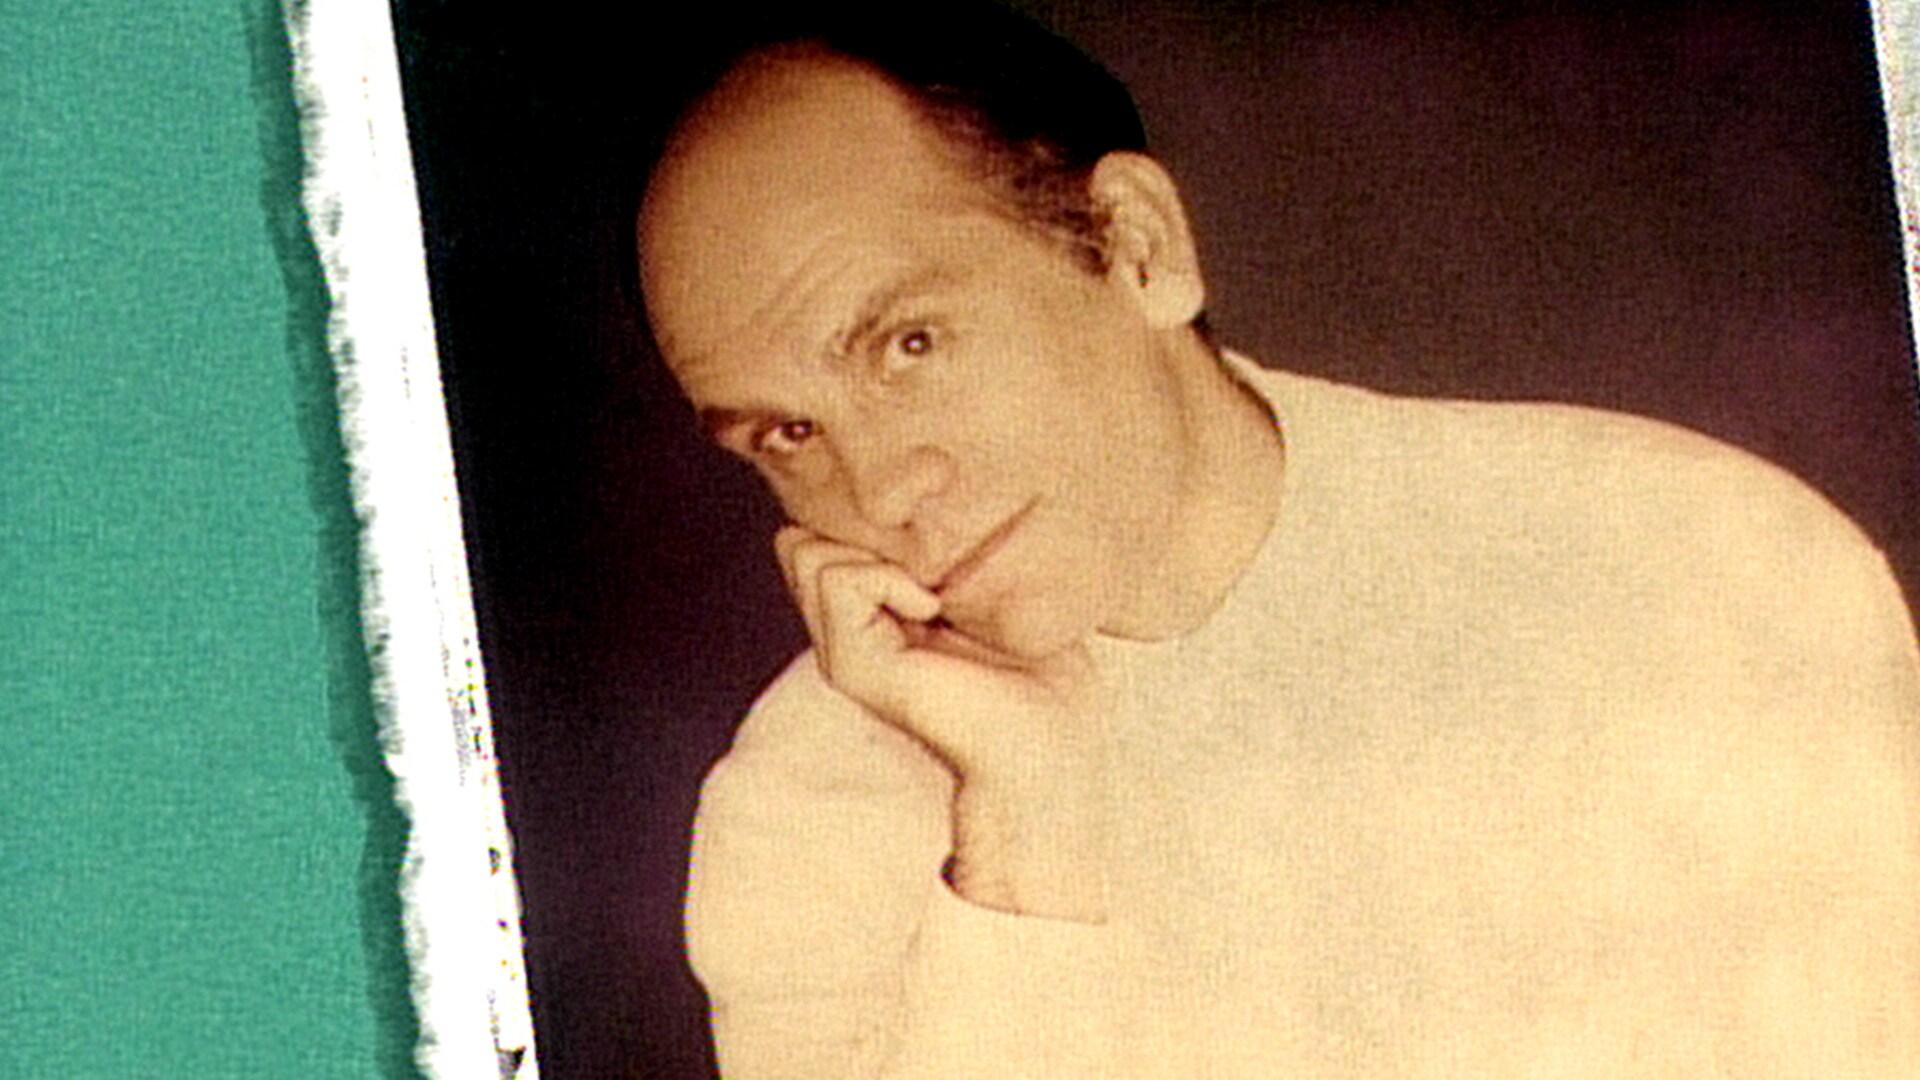 John Malkovich: October 23, 1993